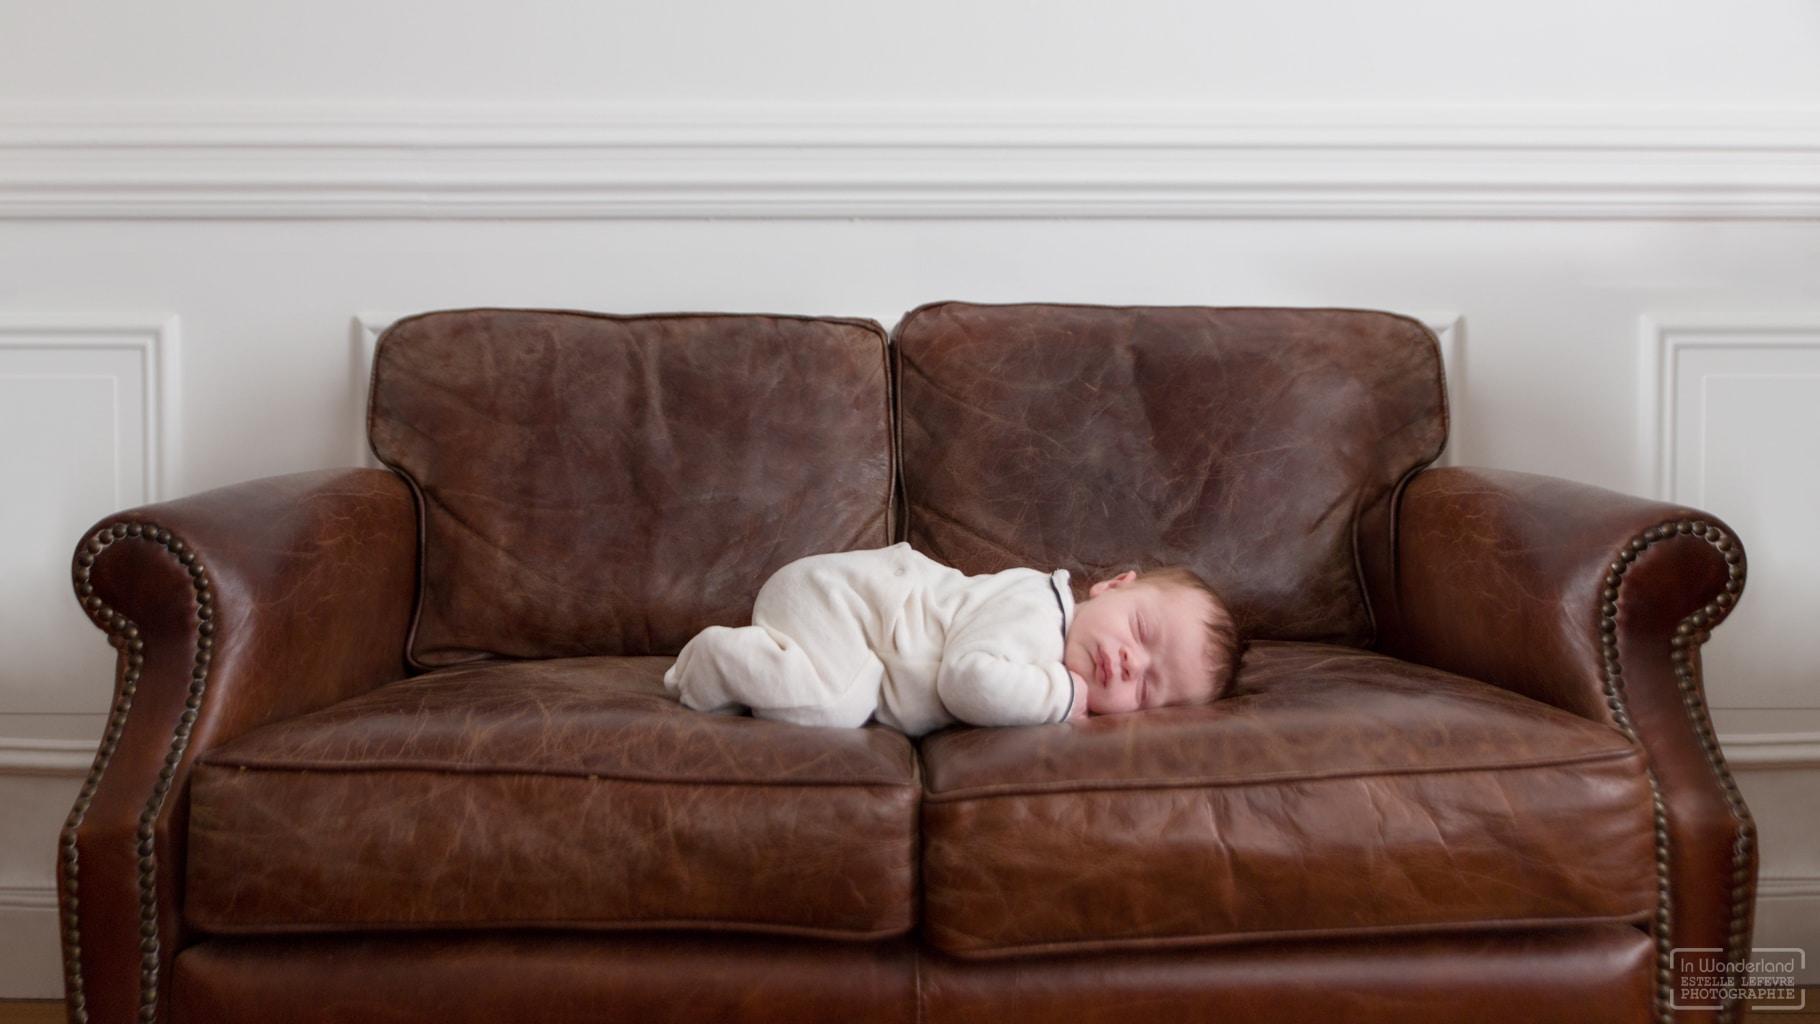 Photographe naissance à domicile à Asnières sur Seine